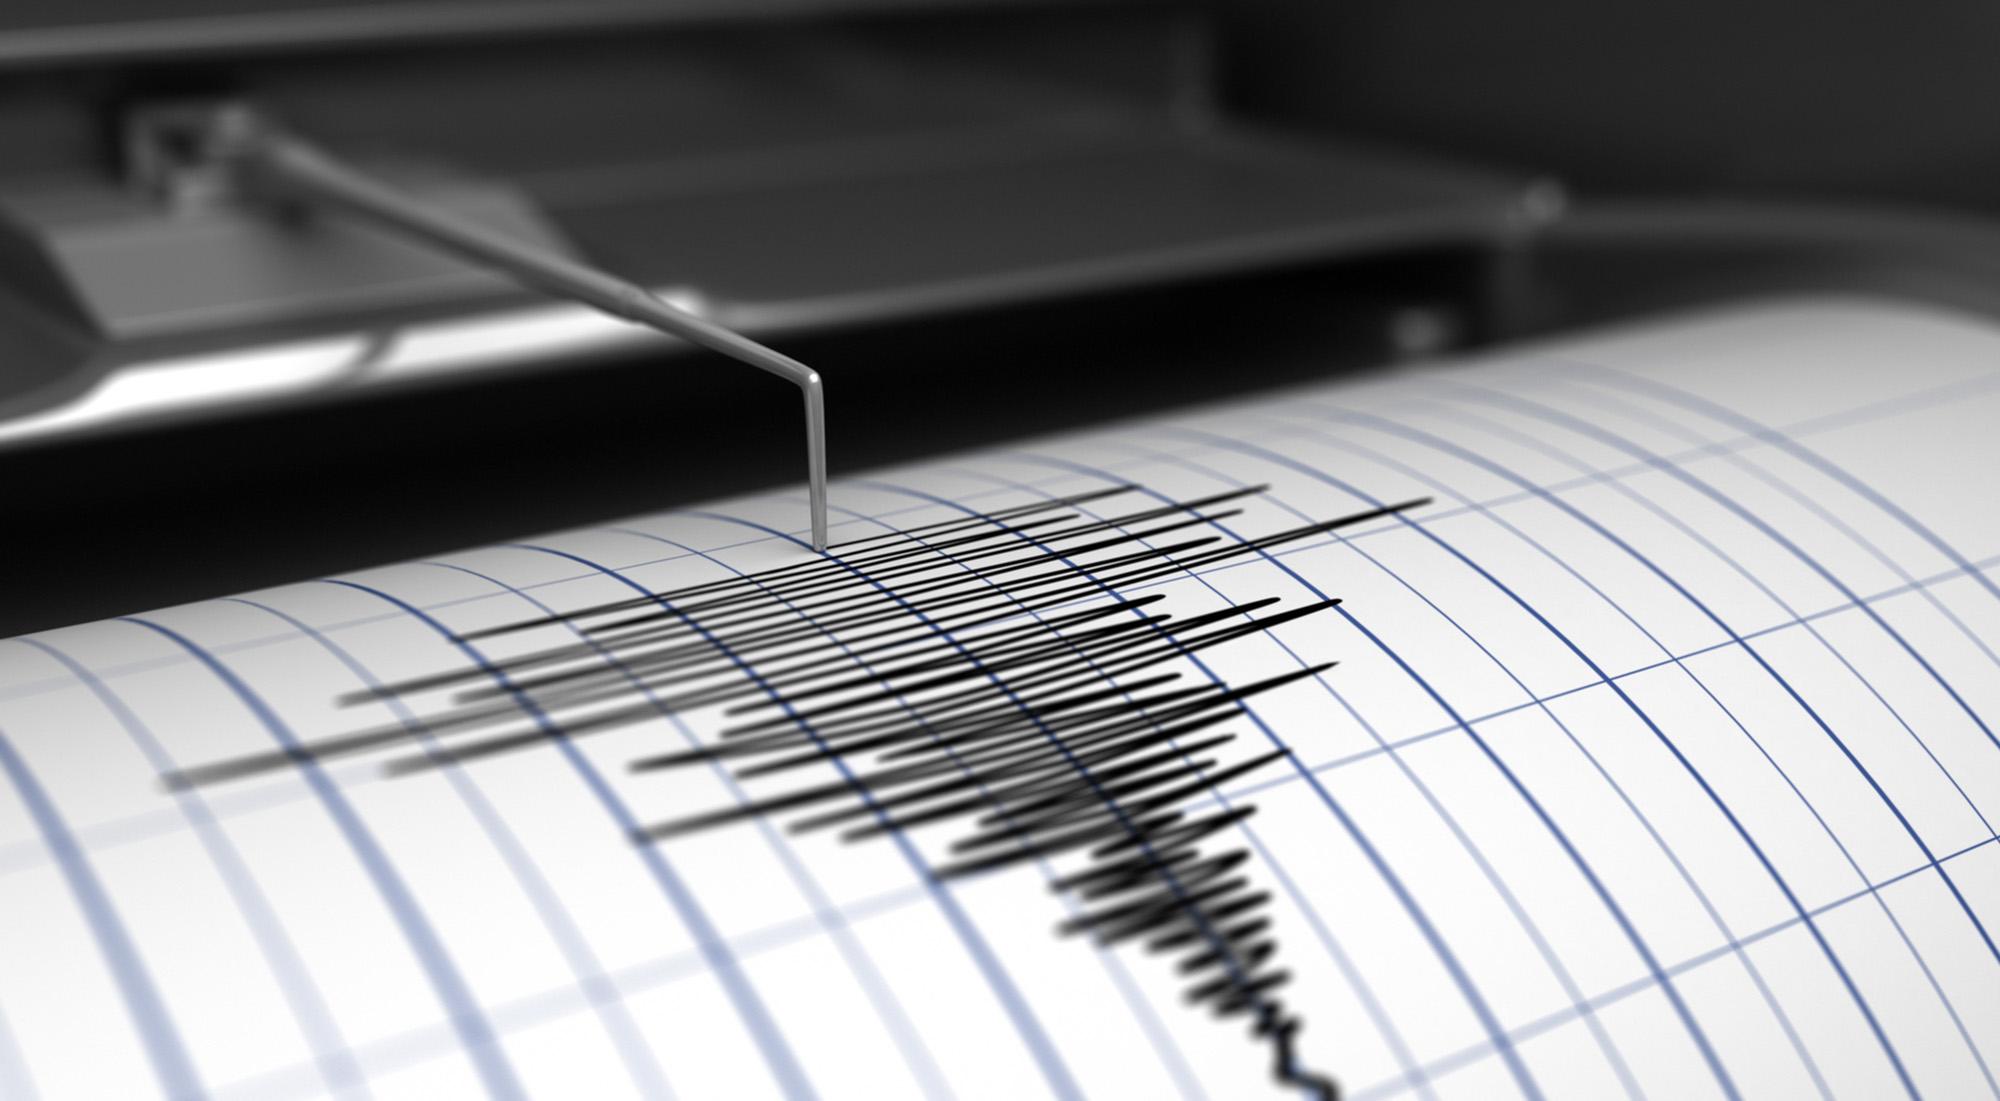 Earthquakes-72 ppi